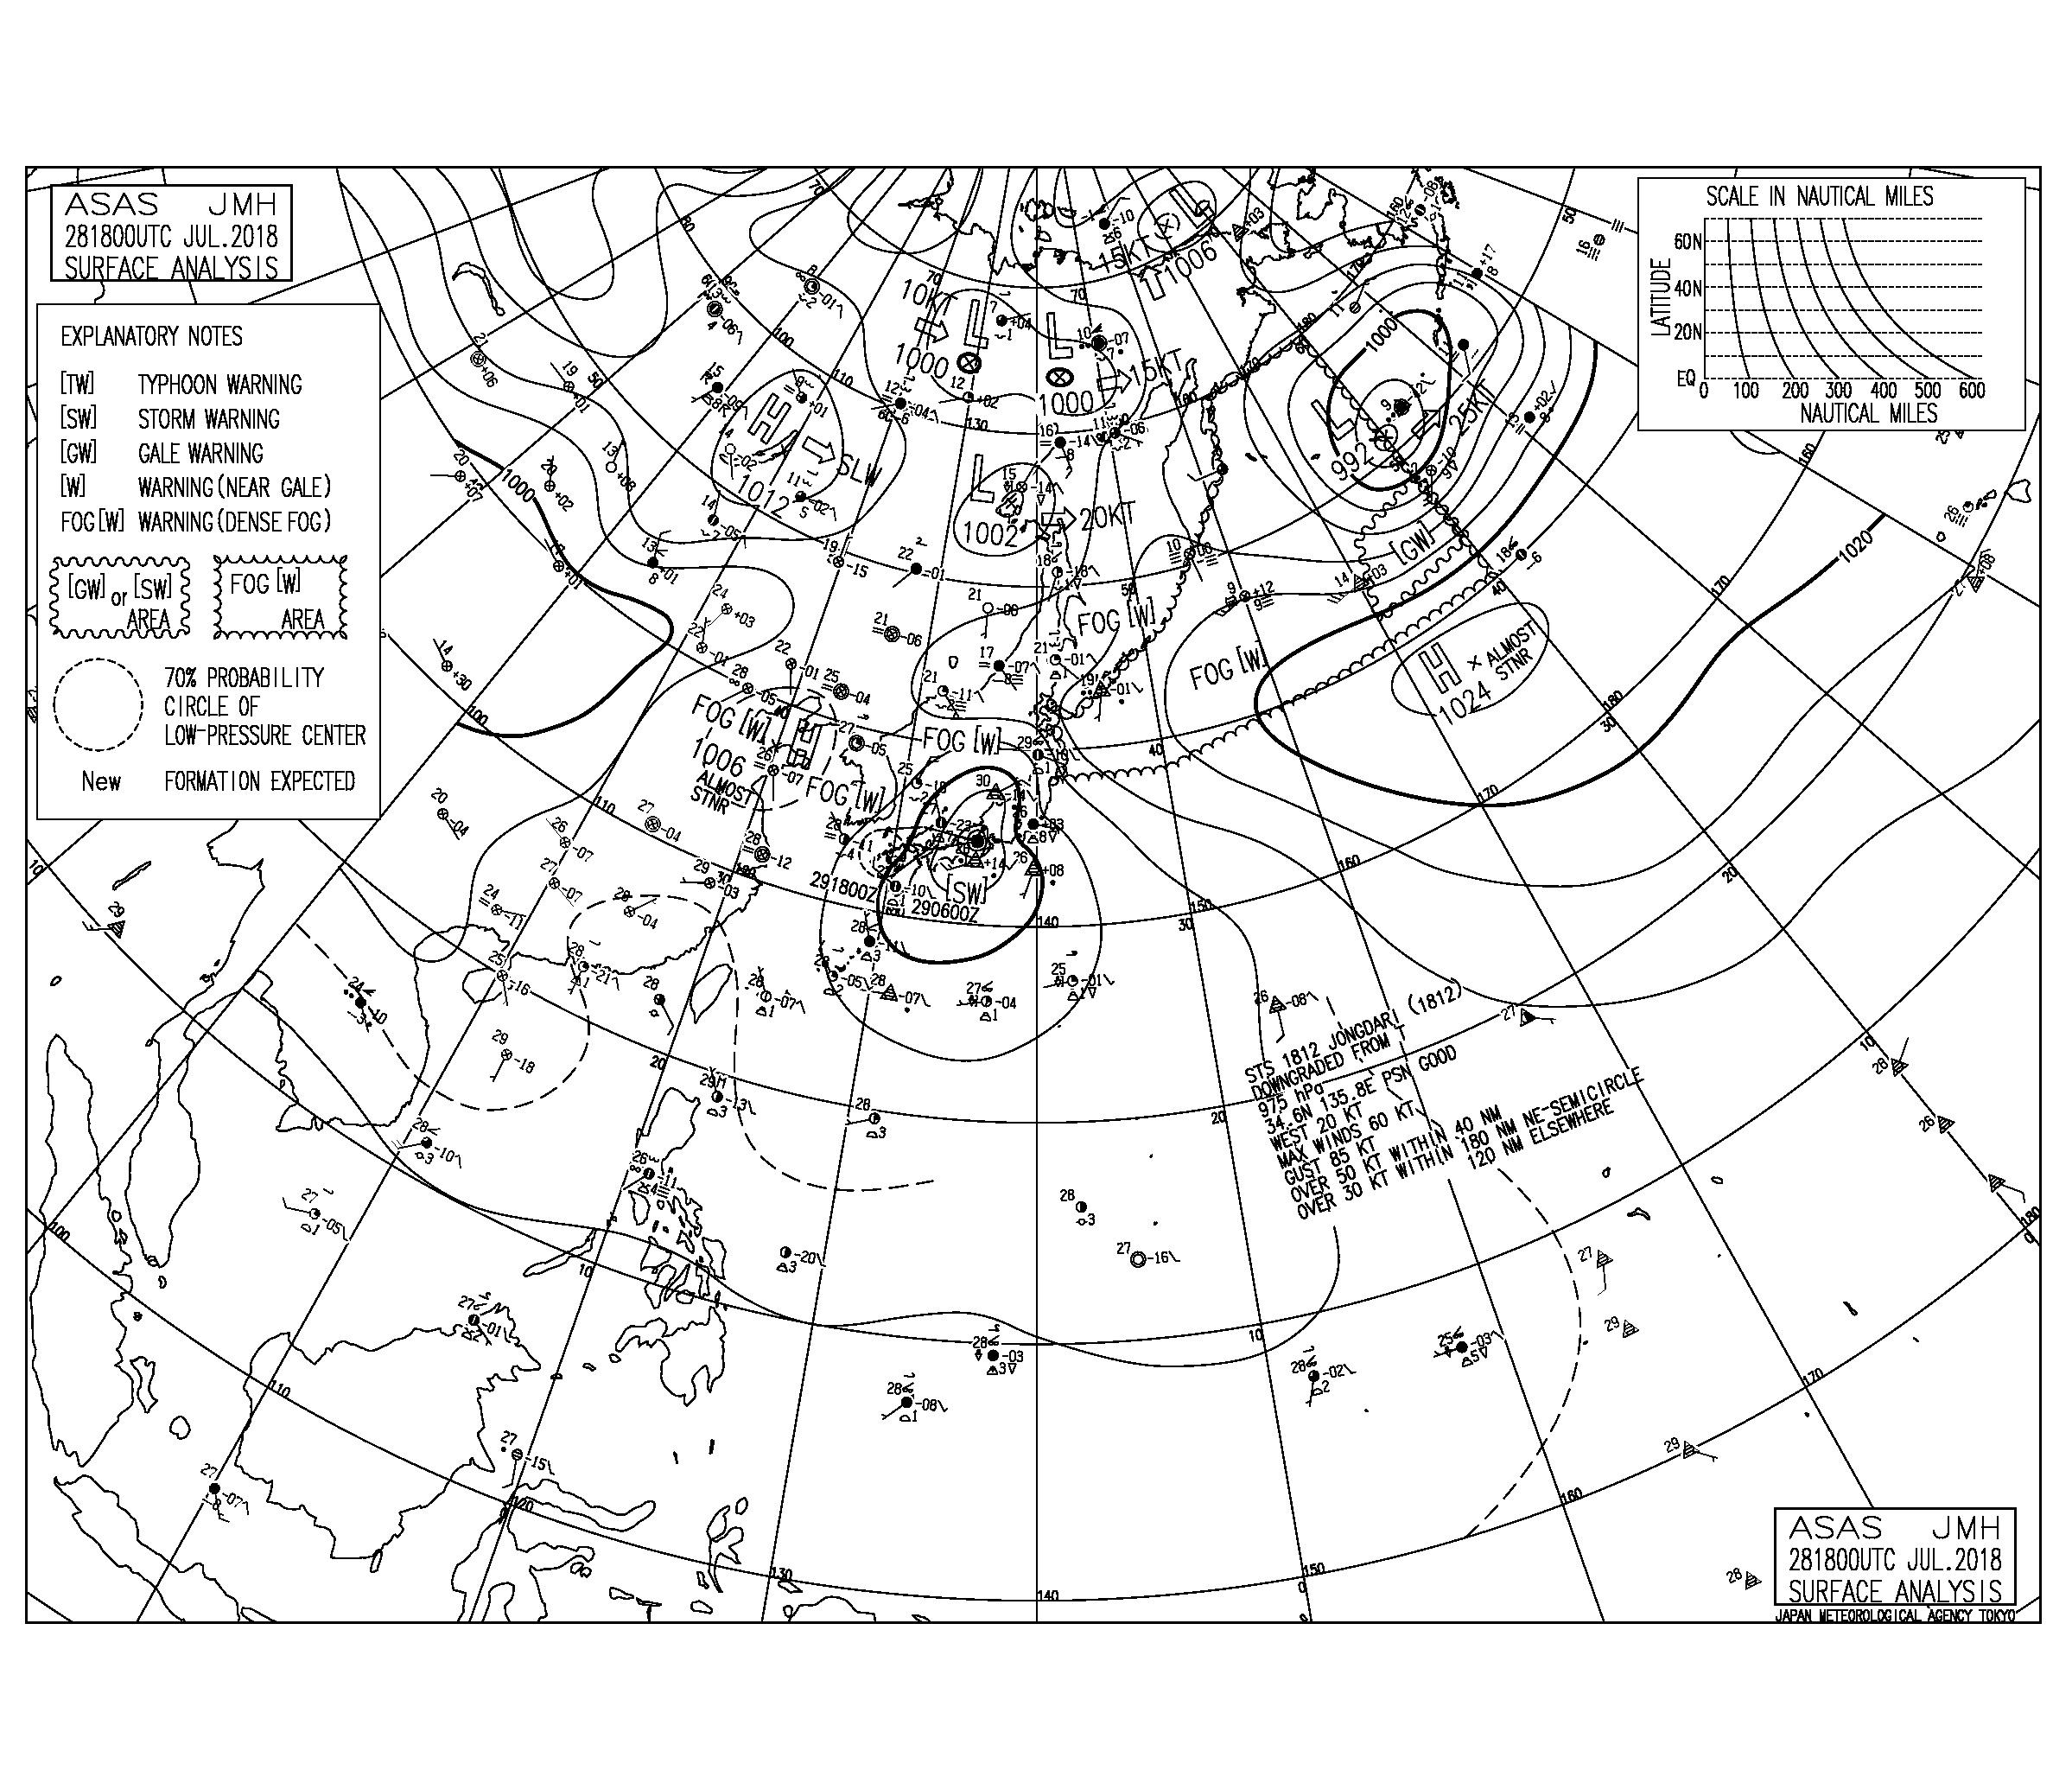 7/29 3:00 ASAS 気圧配置と波情報